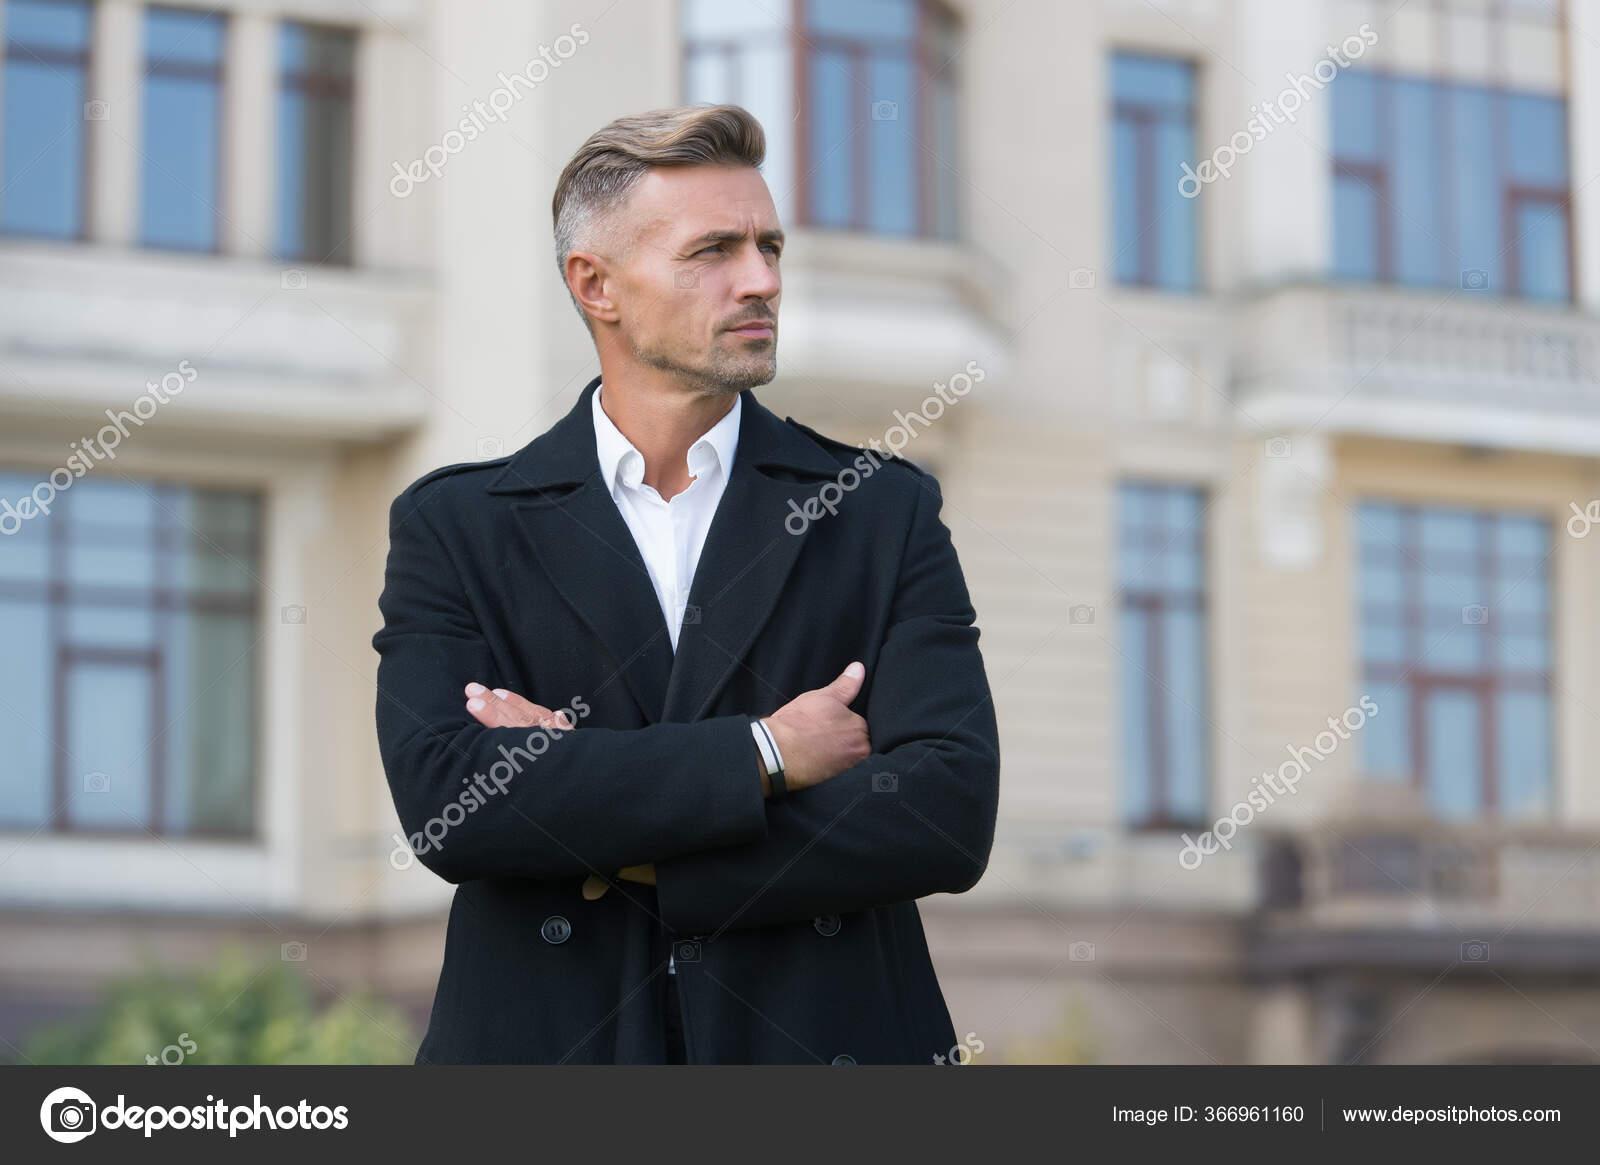 külsejű férfi öltöny egyetlen lakás hoyerswerda